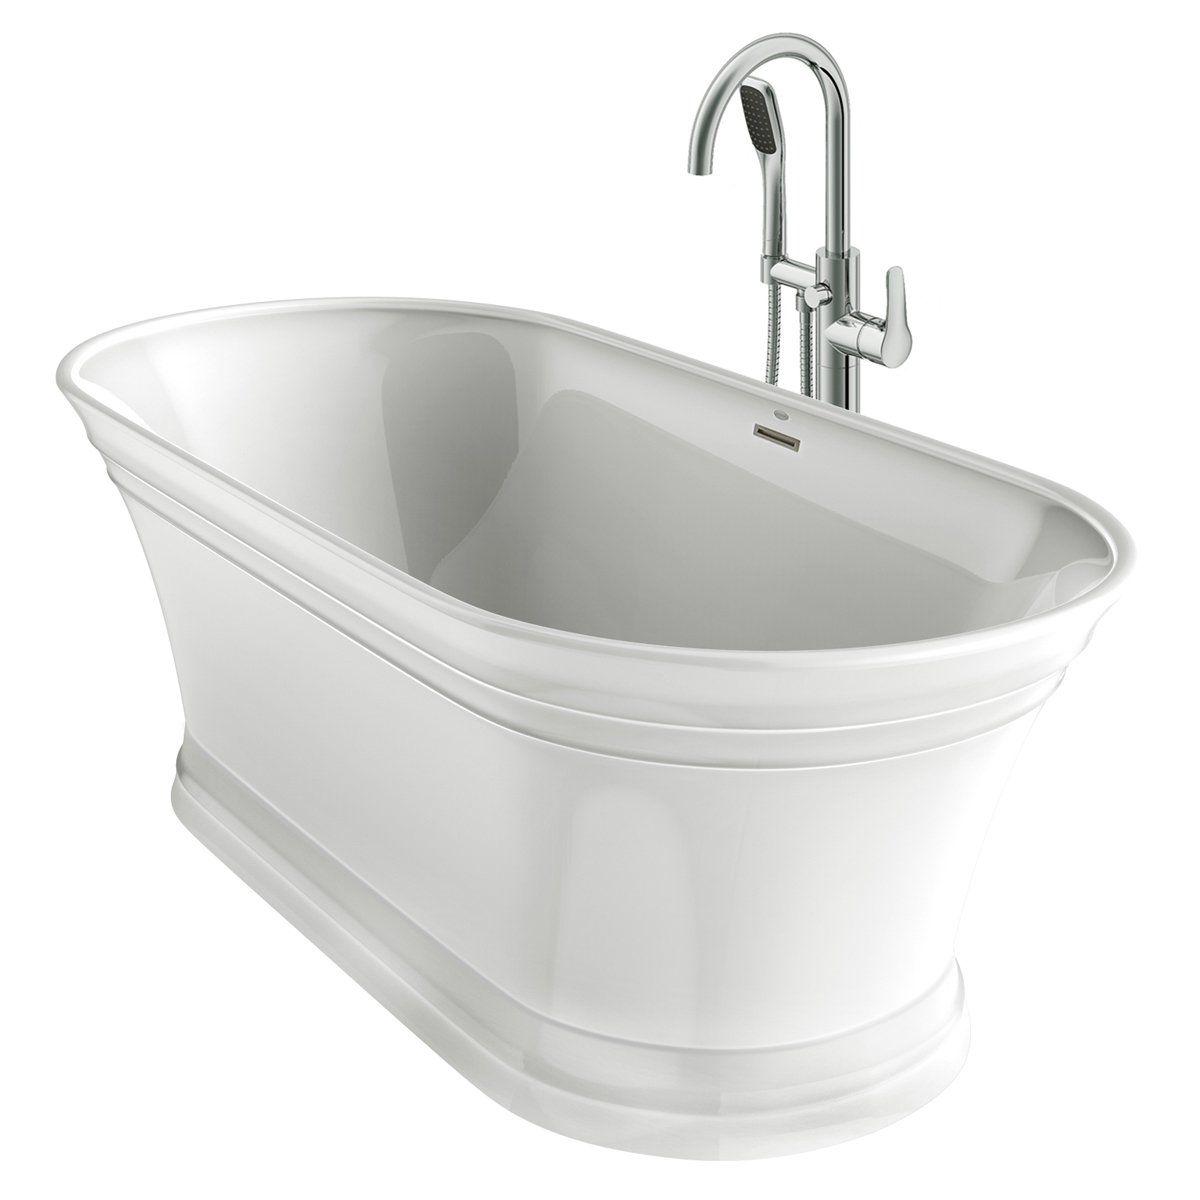 Lyndsay Freestanding Bath | Jacuzzi Baths | Bath | Pinterest ...